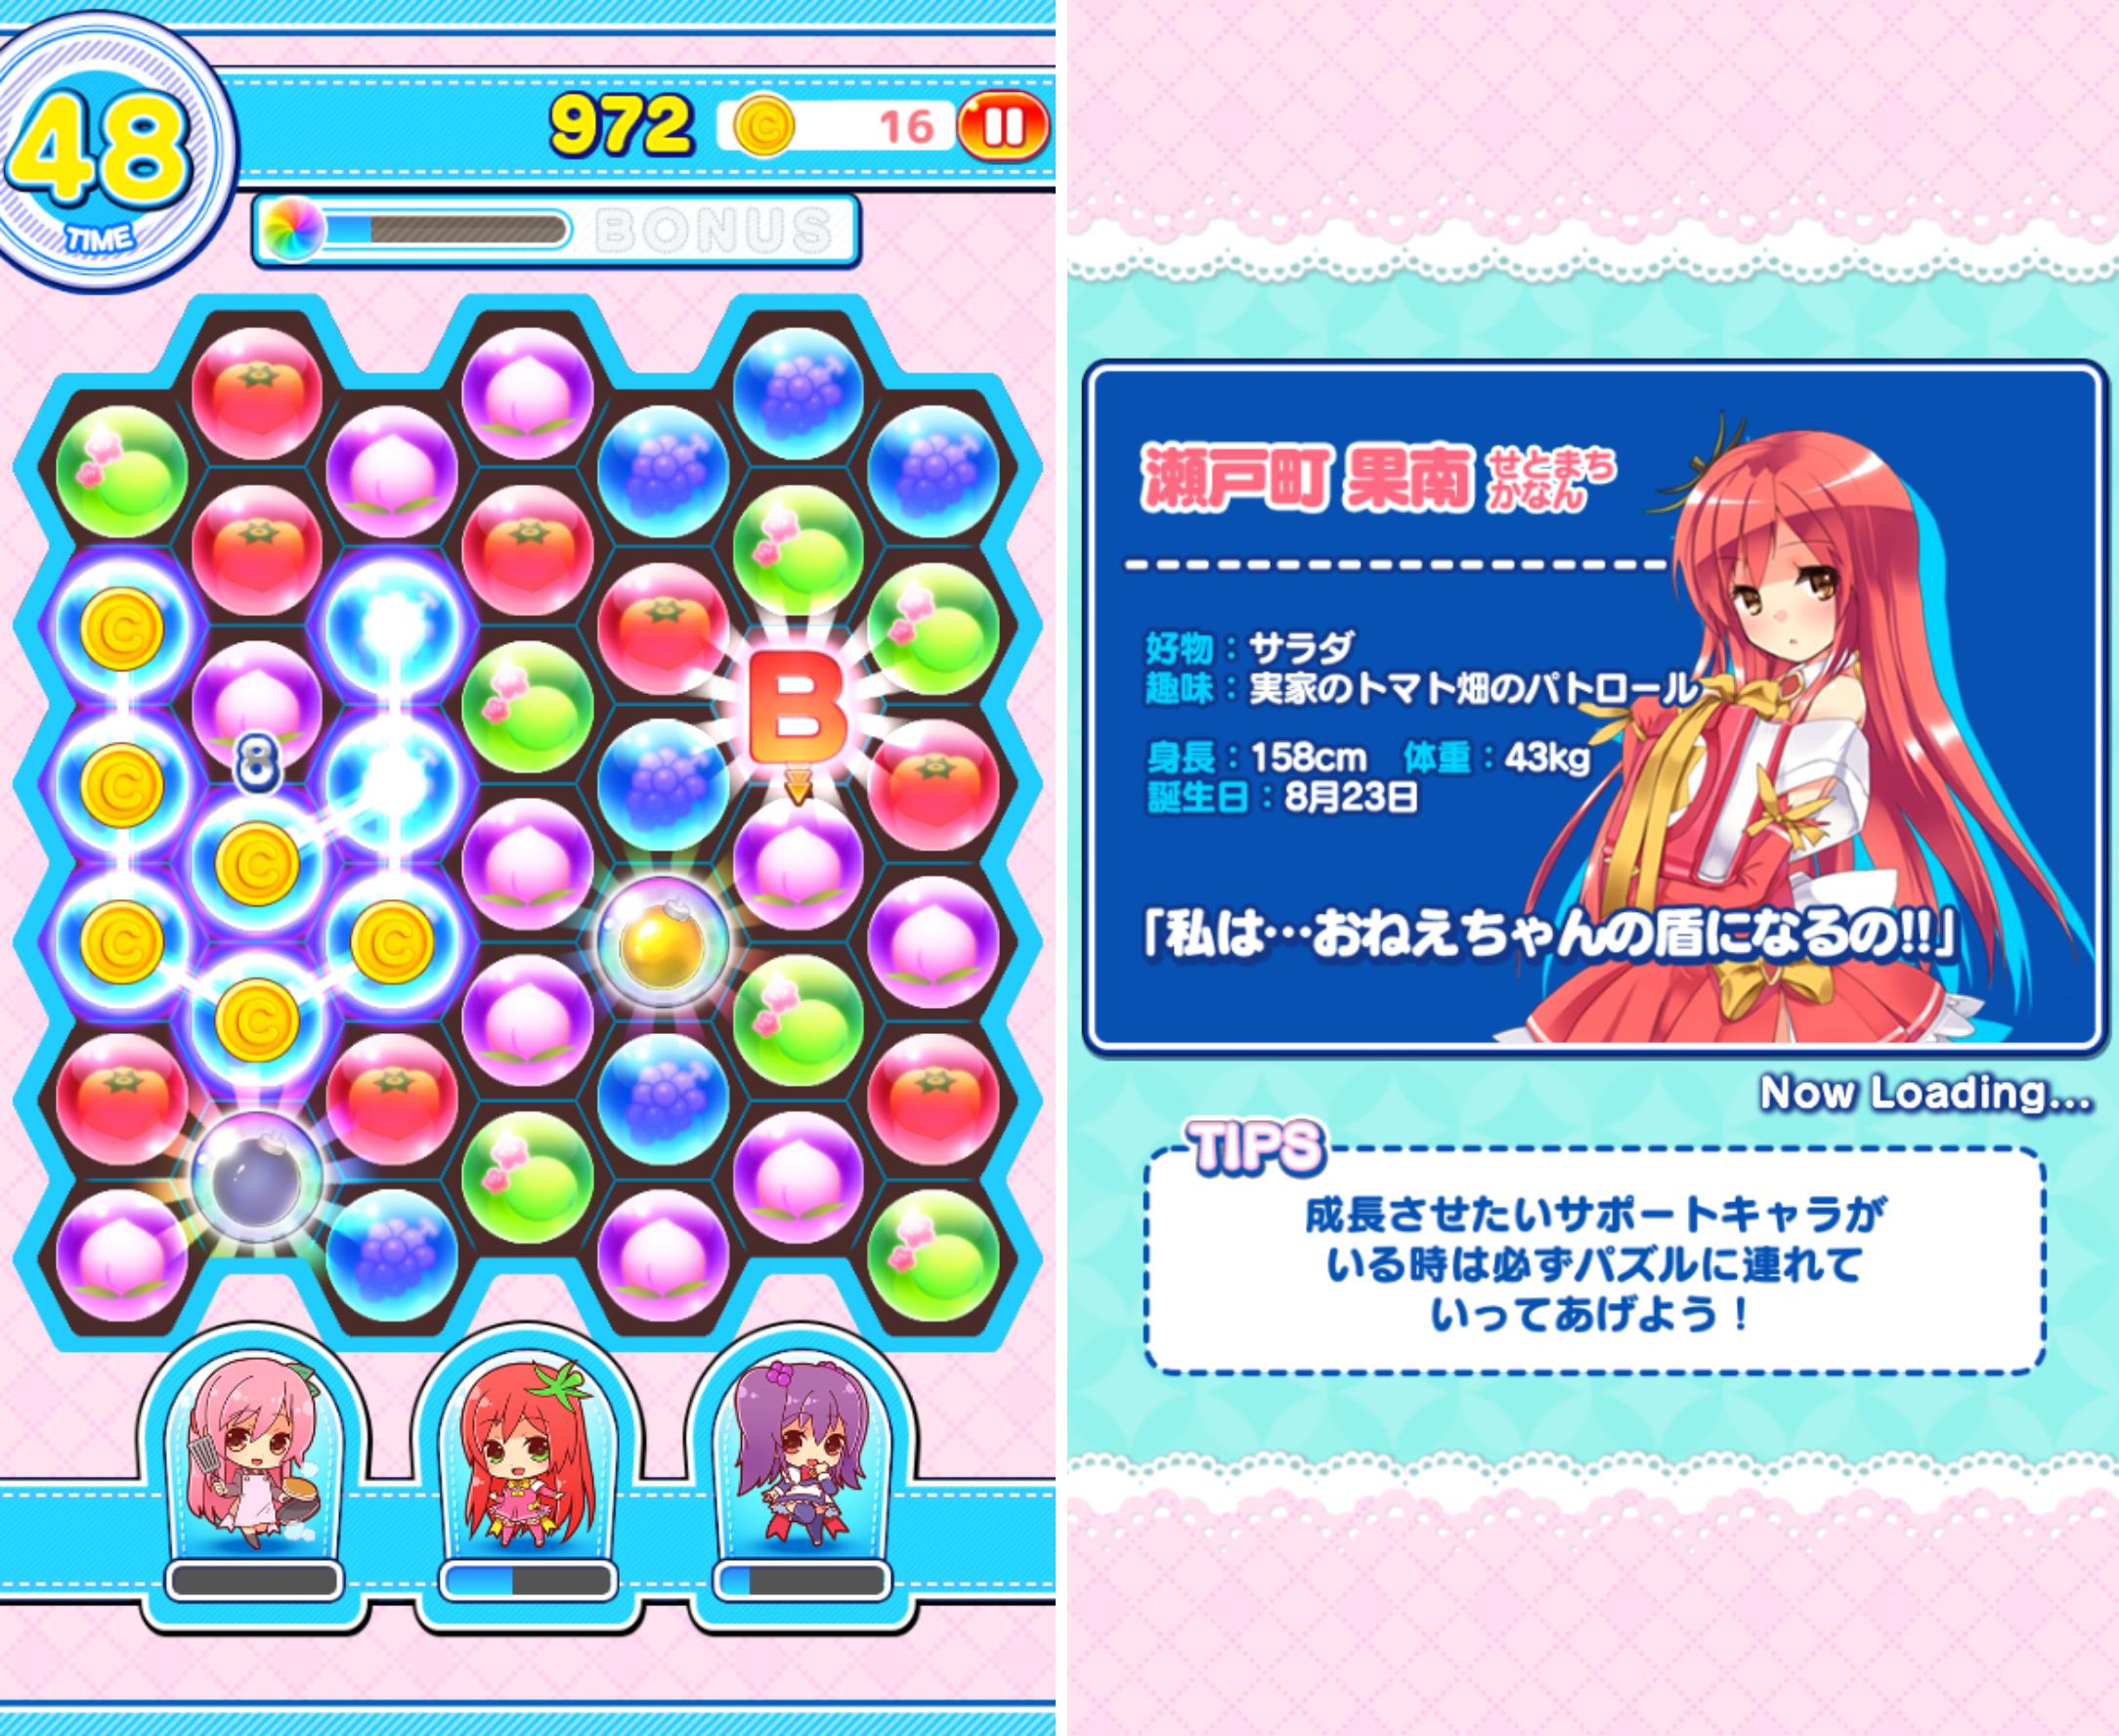 じゅれみっくす ぱずるぱーてぃー androidアプリスクリーンショット1